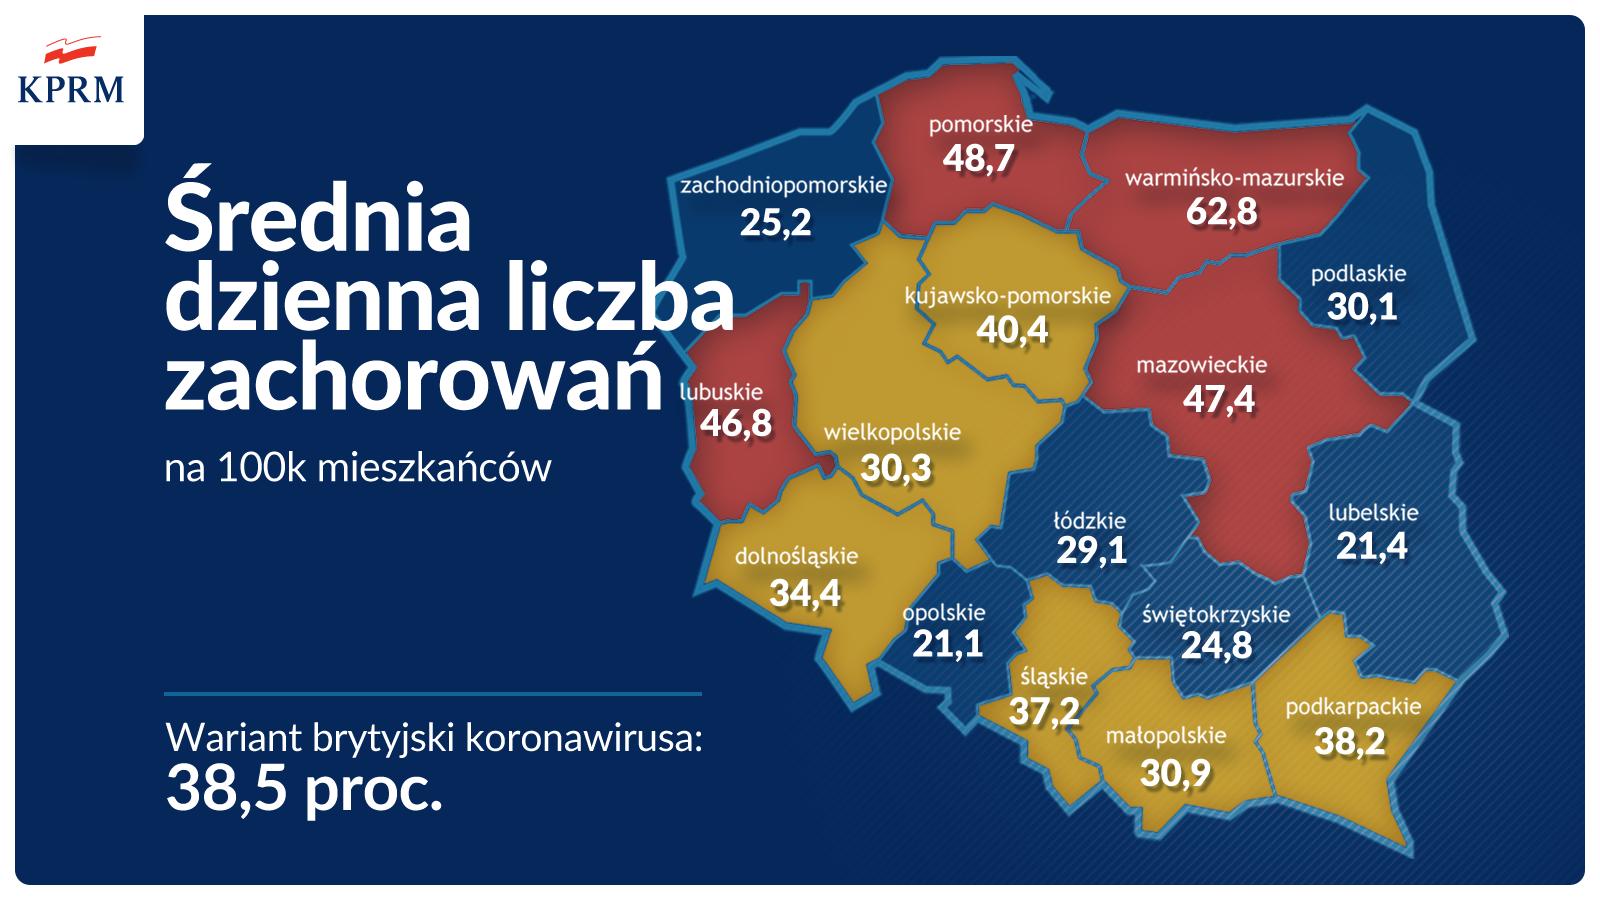 https://m.powiatszczycienski.pl/2021/03/orig/159477349-10159513974614653-7783738965814466078-o-38681.png